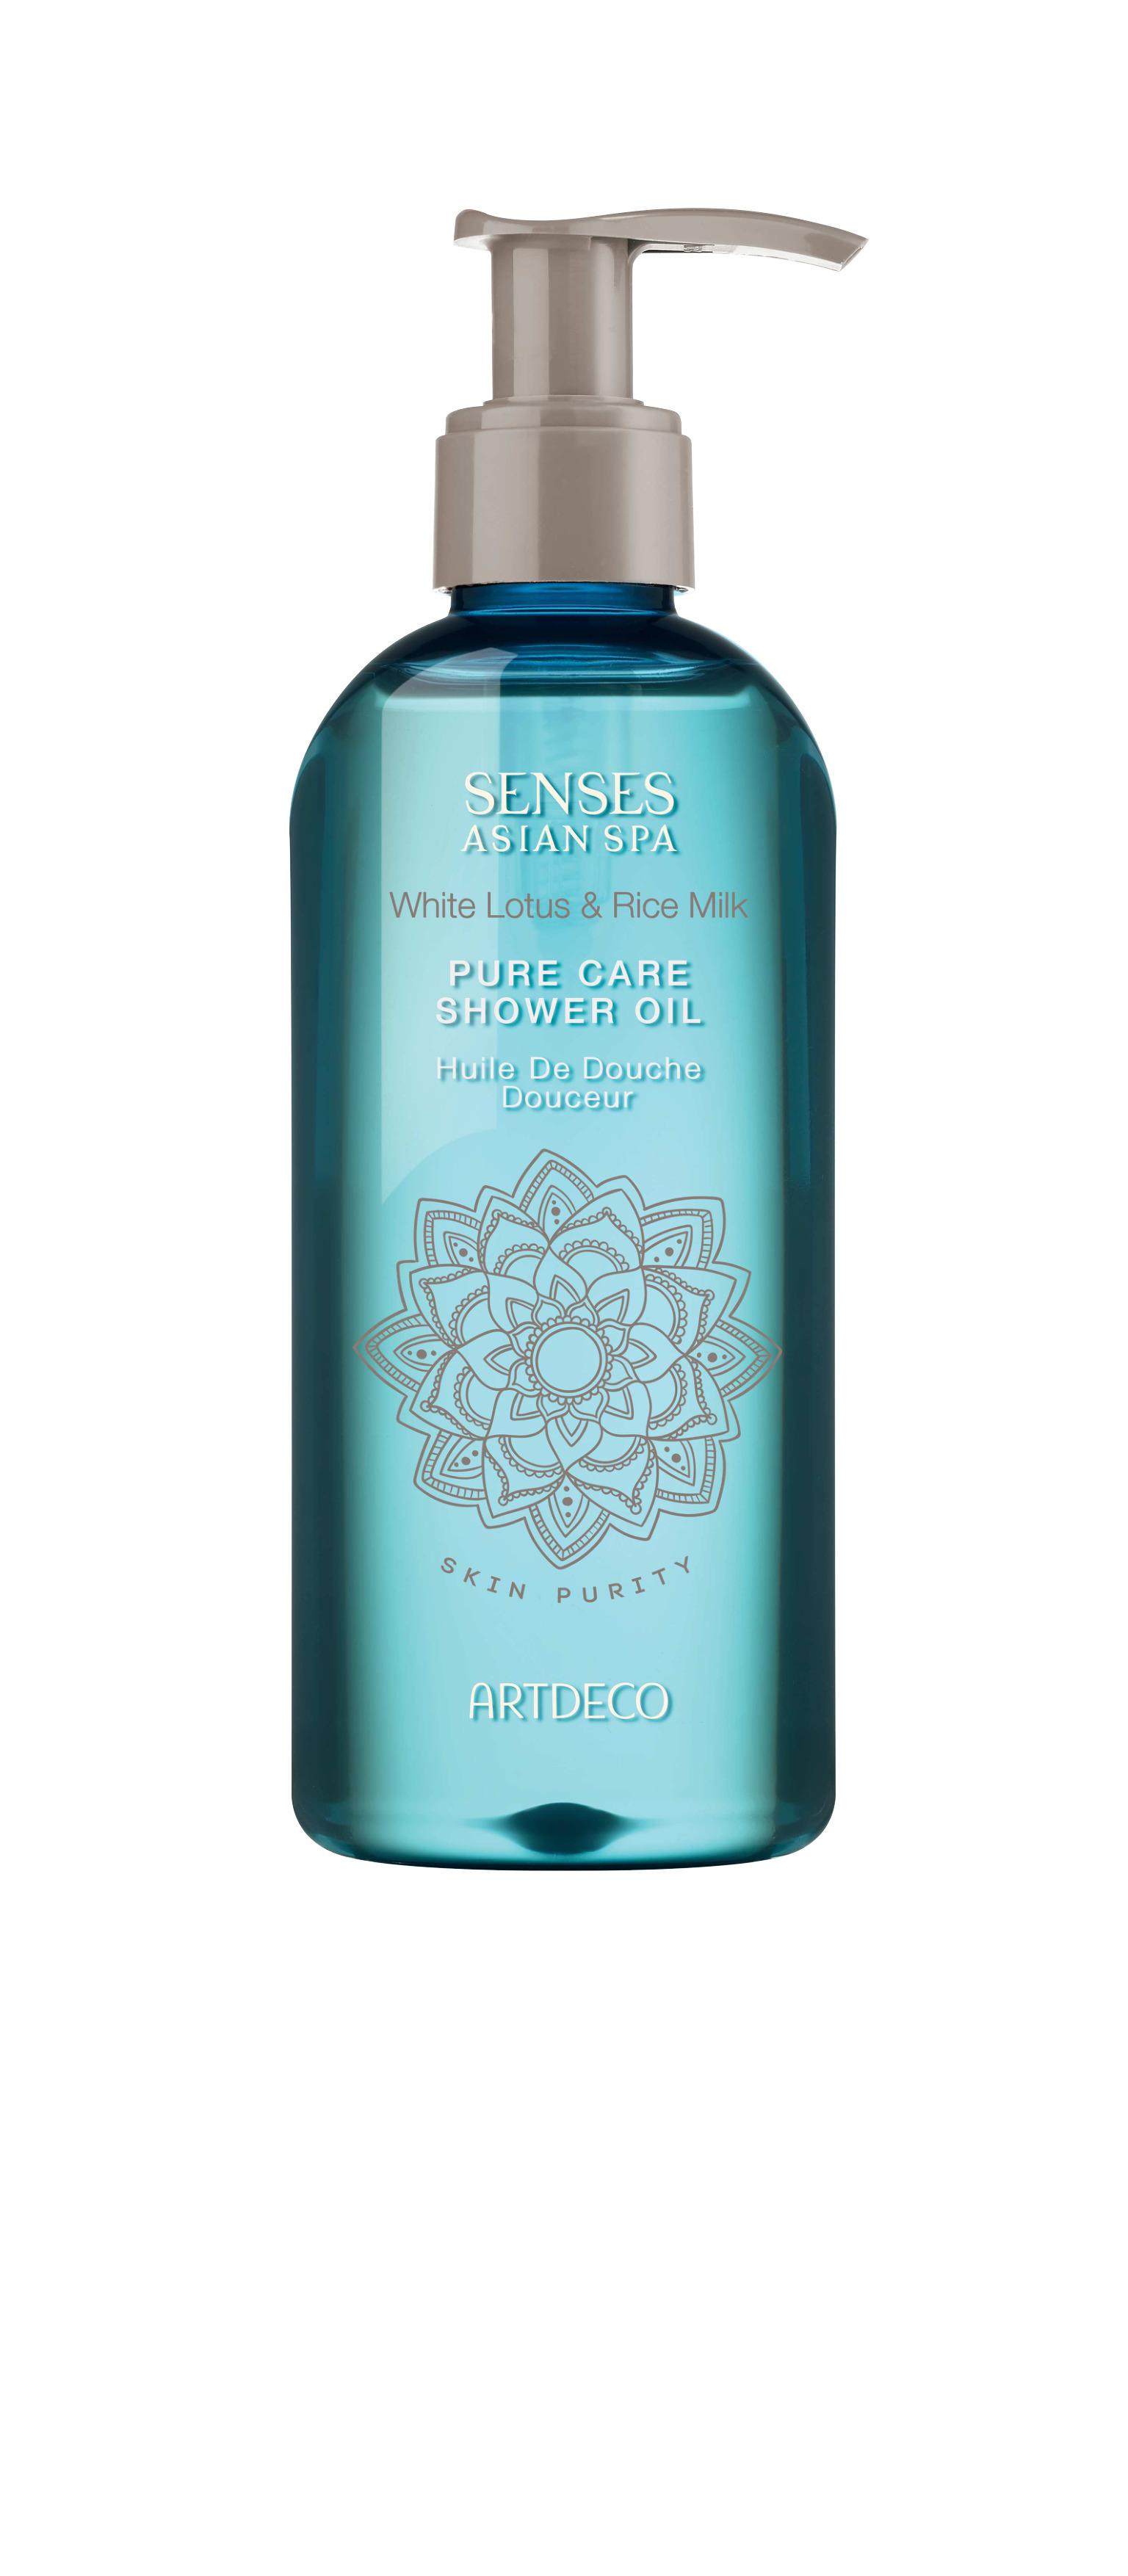 Artdeco масло для душа Pure care shower oil, skin purity, 200 мл65401Деликатно очищает кожу Увлажняет и питаетДарит упоительный аромат